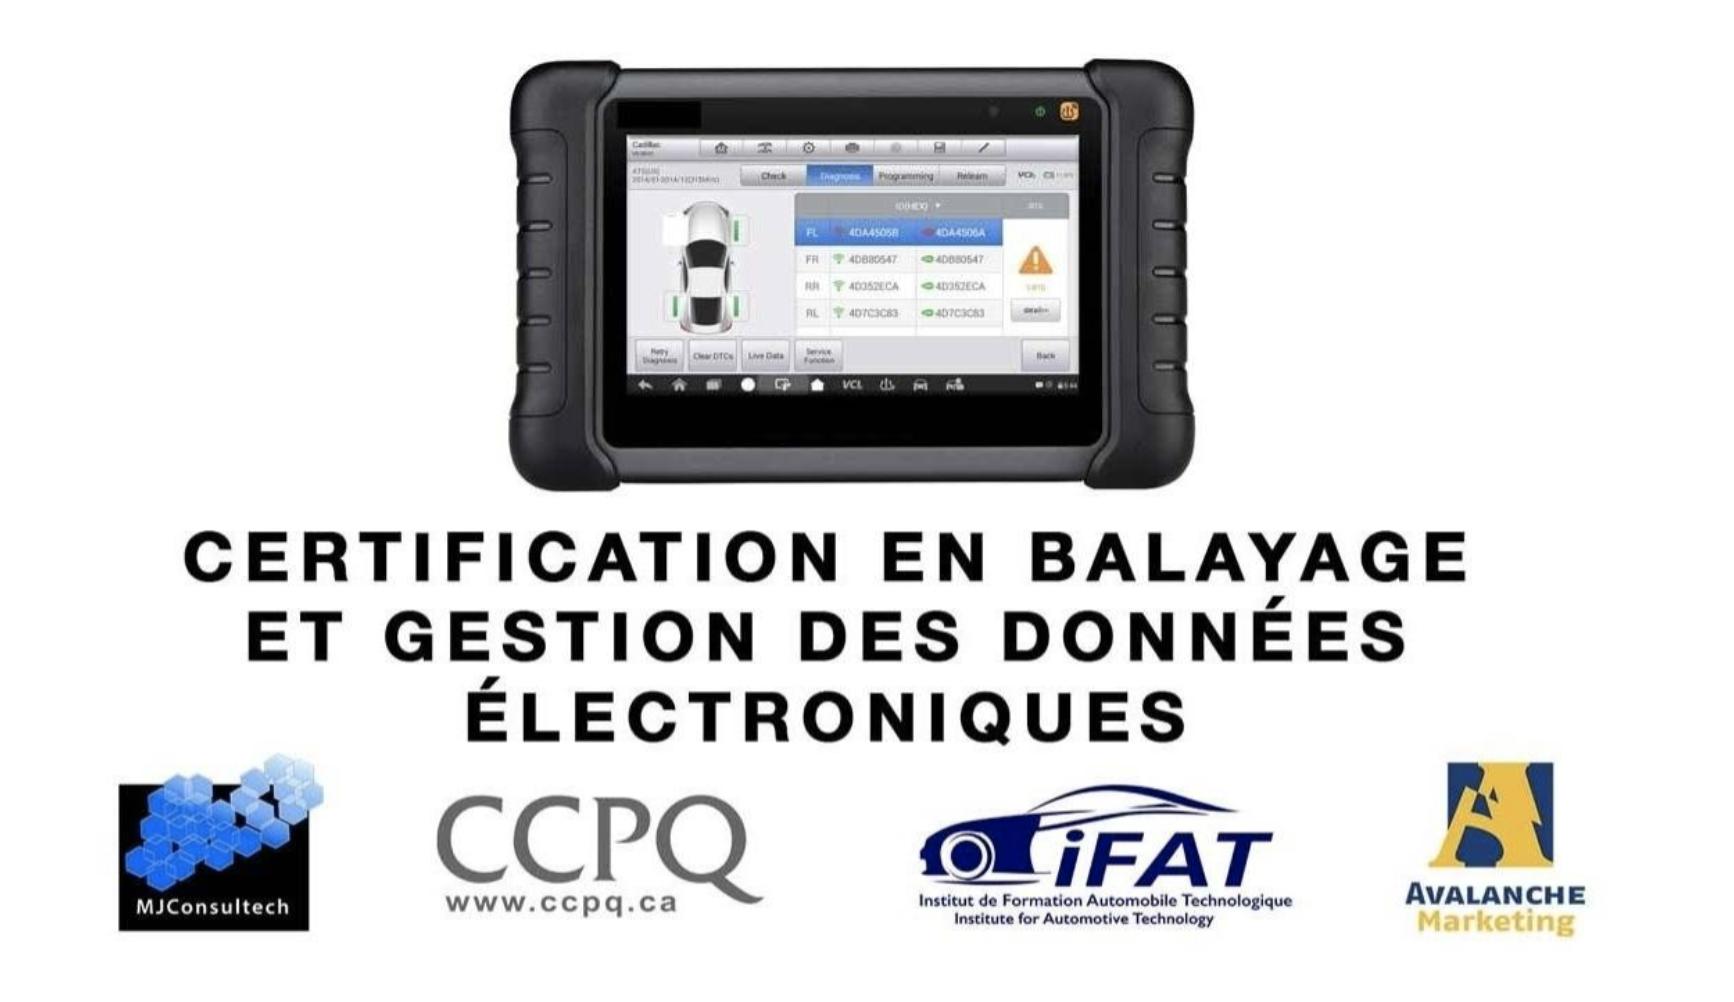 Certification Balayage gestion des données ccpq